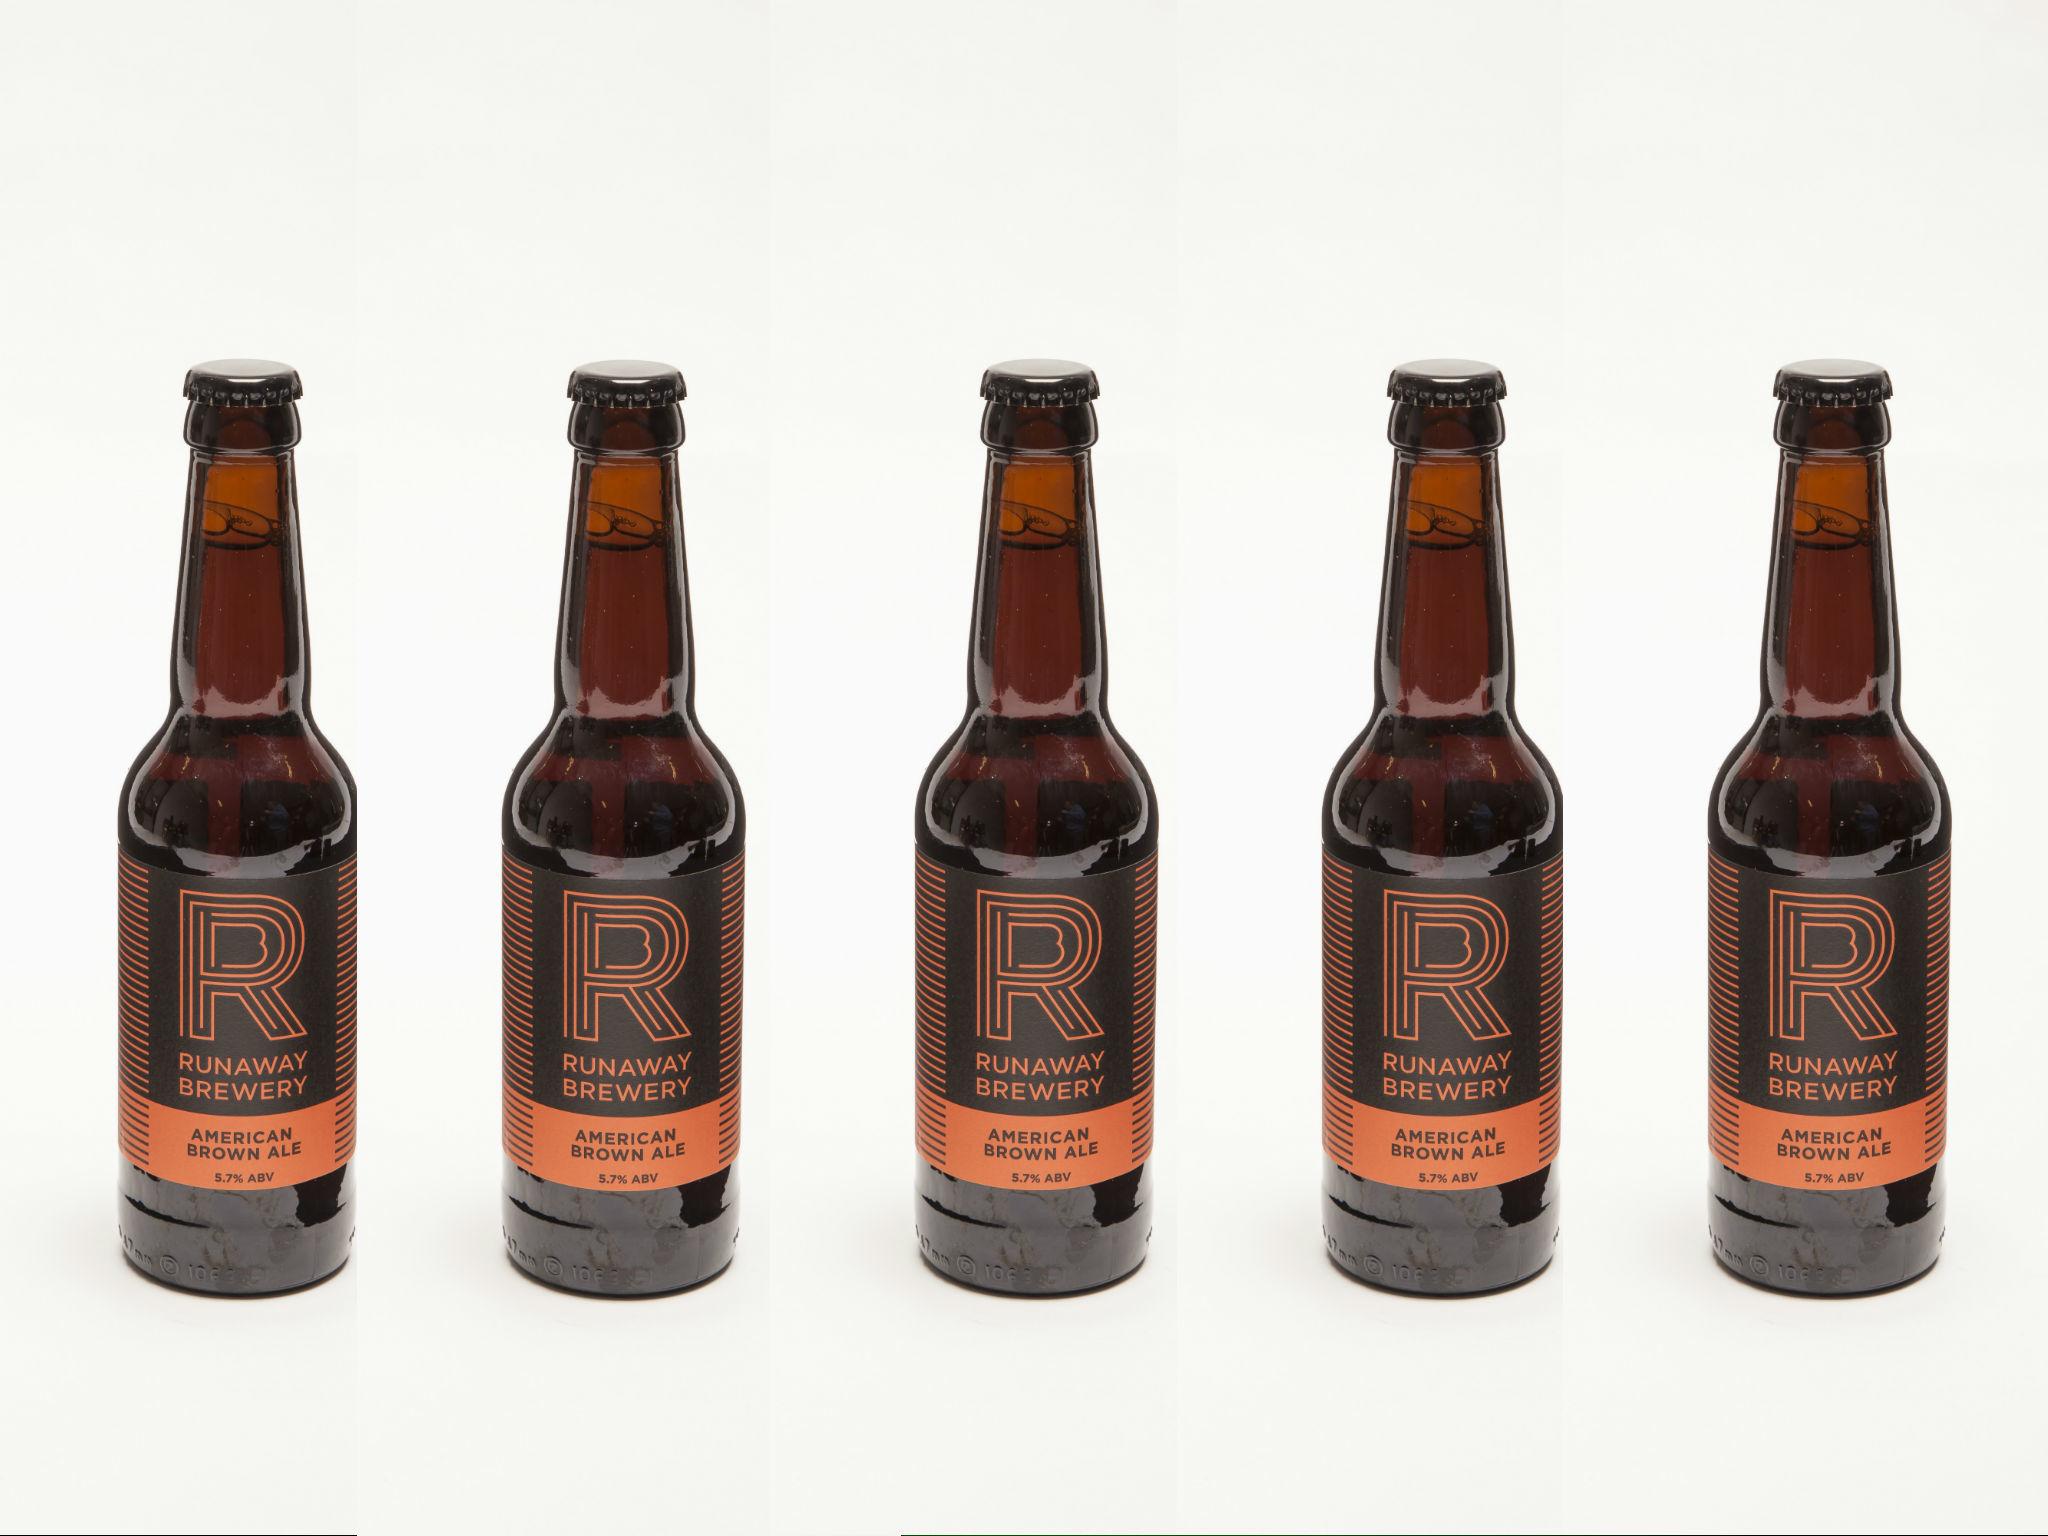 Runaway Brewery American Brown Ale